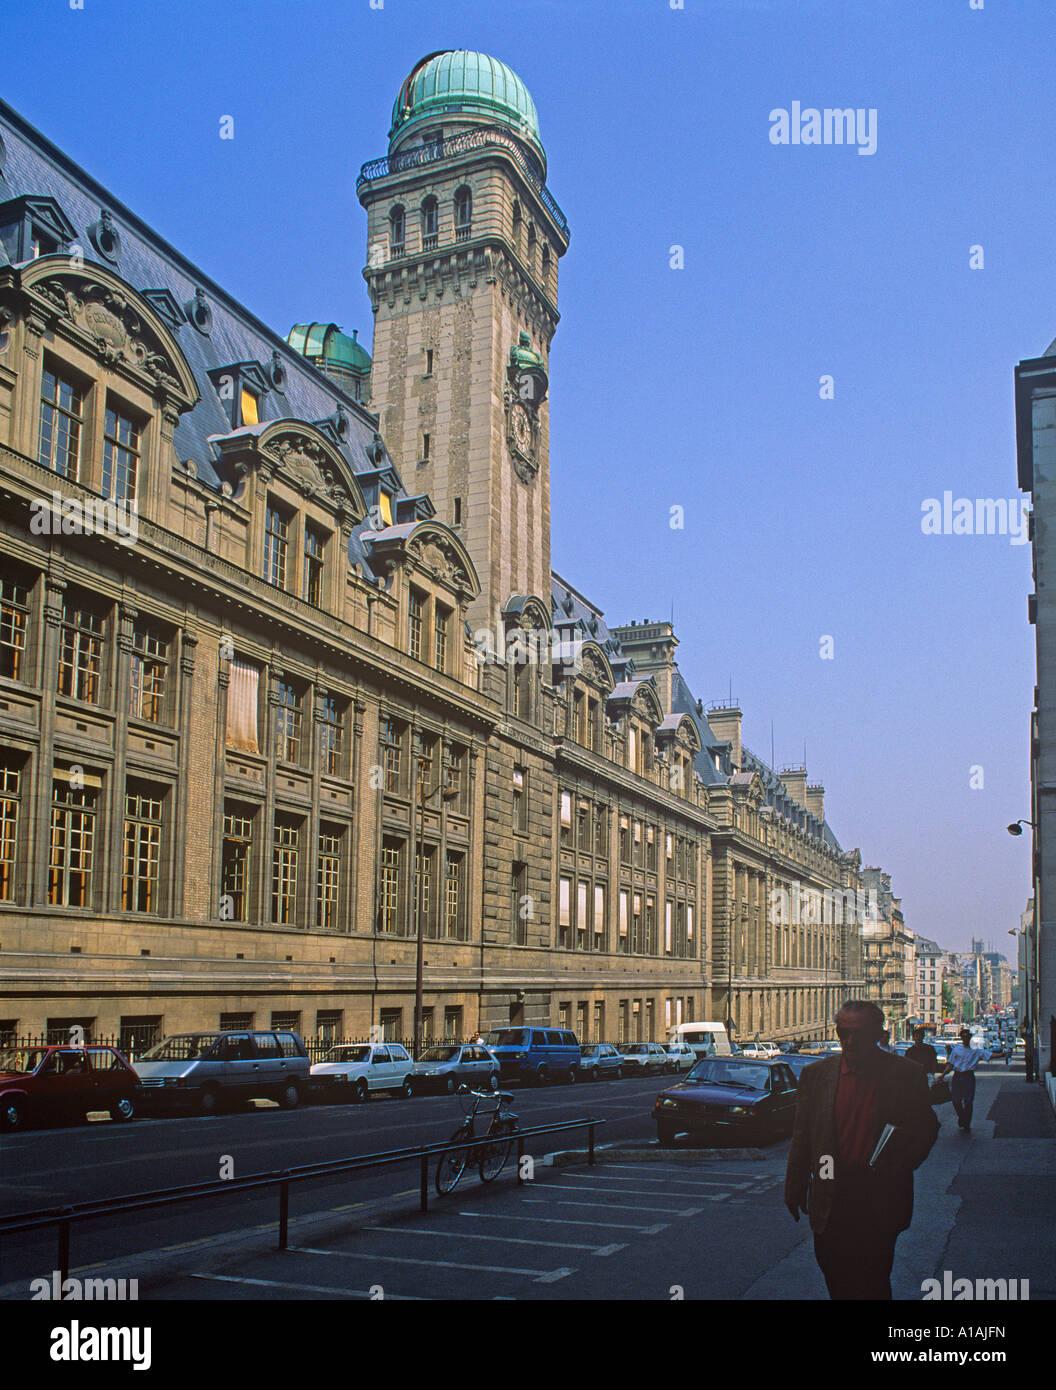 The Sorbonne University Rue Saint Jacques in central Paris - Stock Image